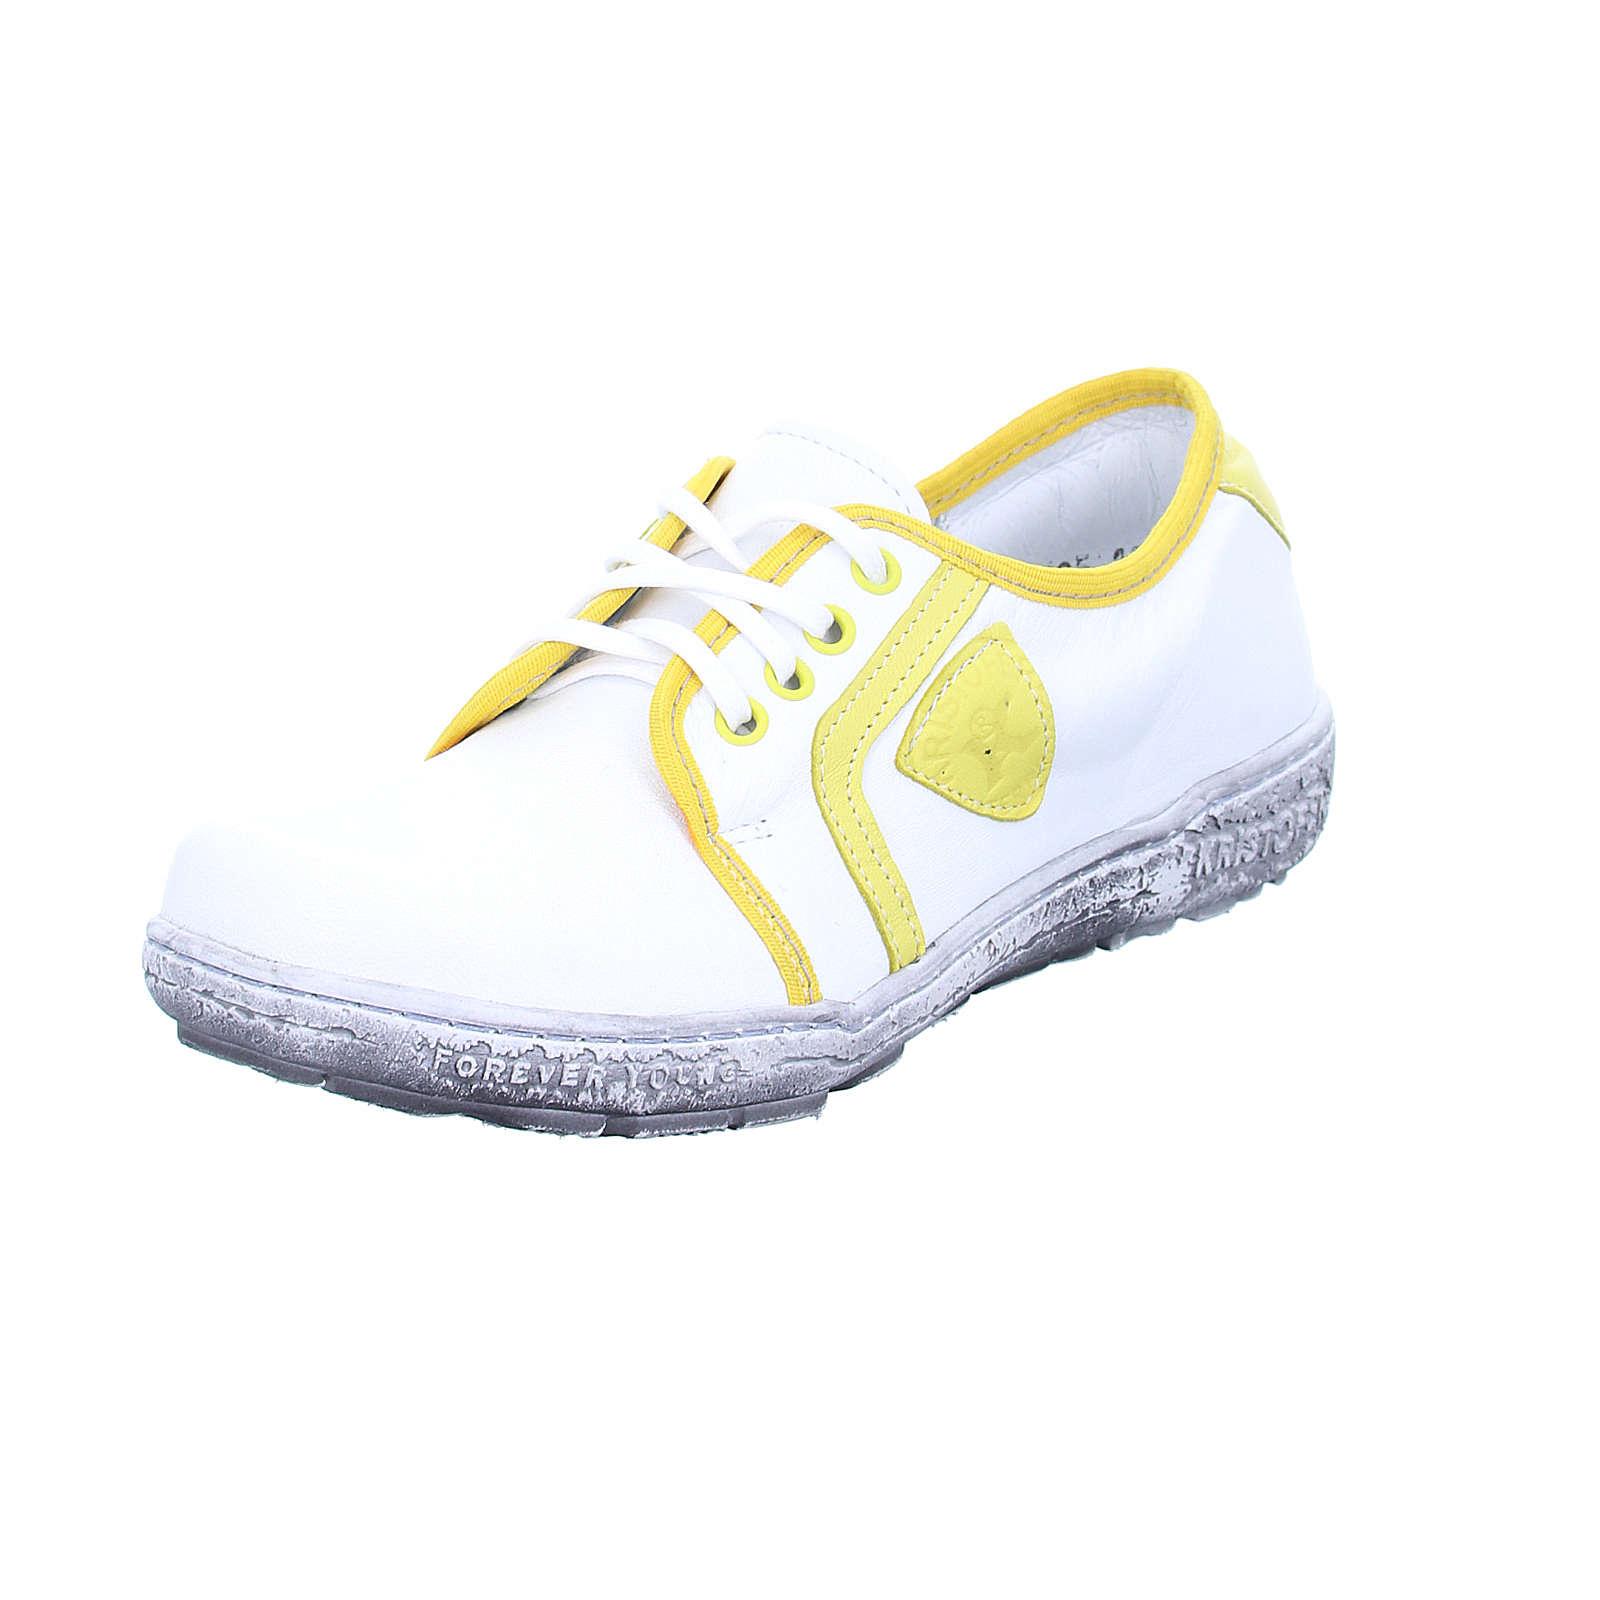 Kristofer Damen Sneaker P2036 Schnürschuhe weiß Damen Gr. 37